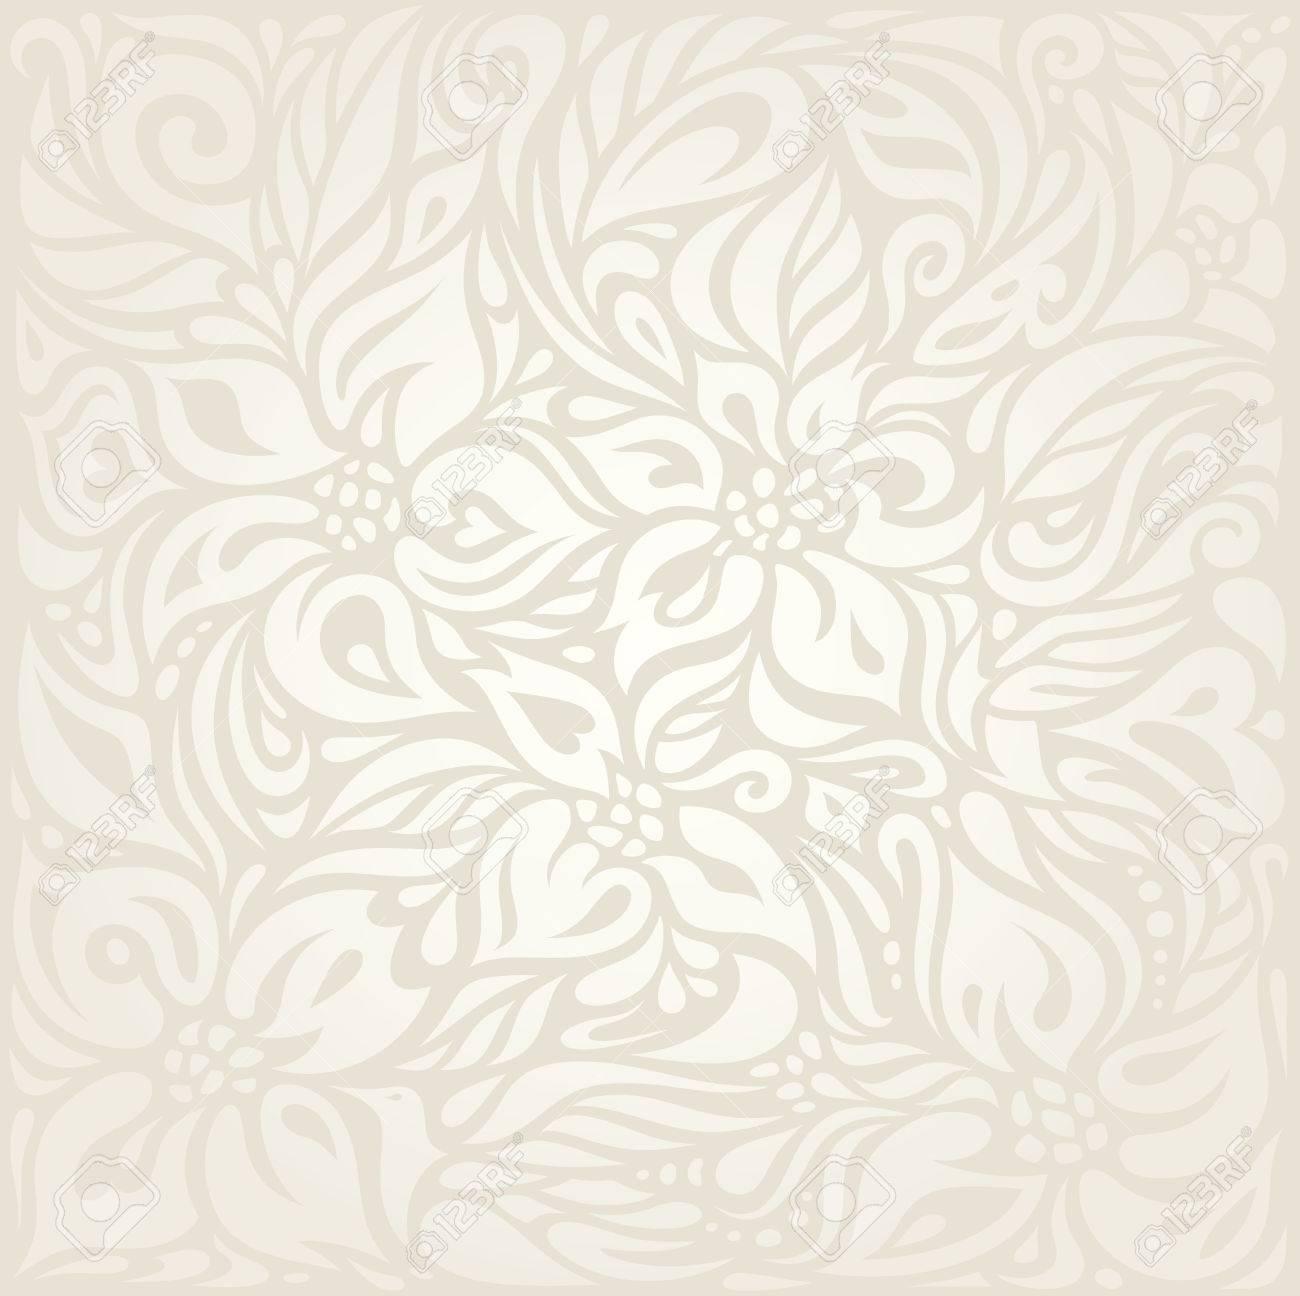 結婚式の花の淡い壁紙パターン設計の背景のイラスト素材 ベクタ